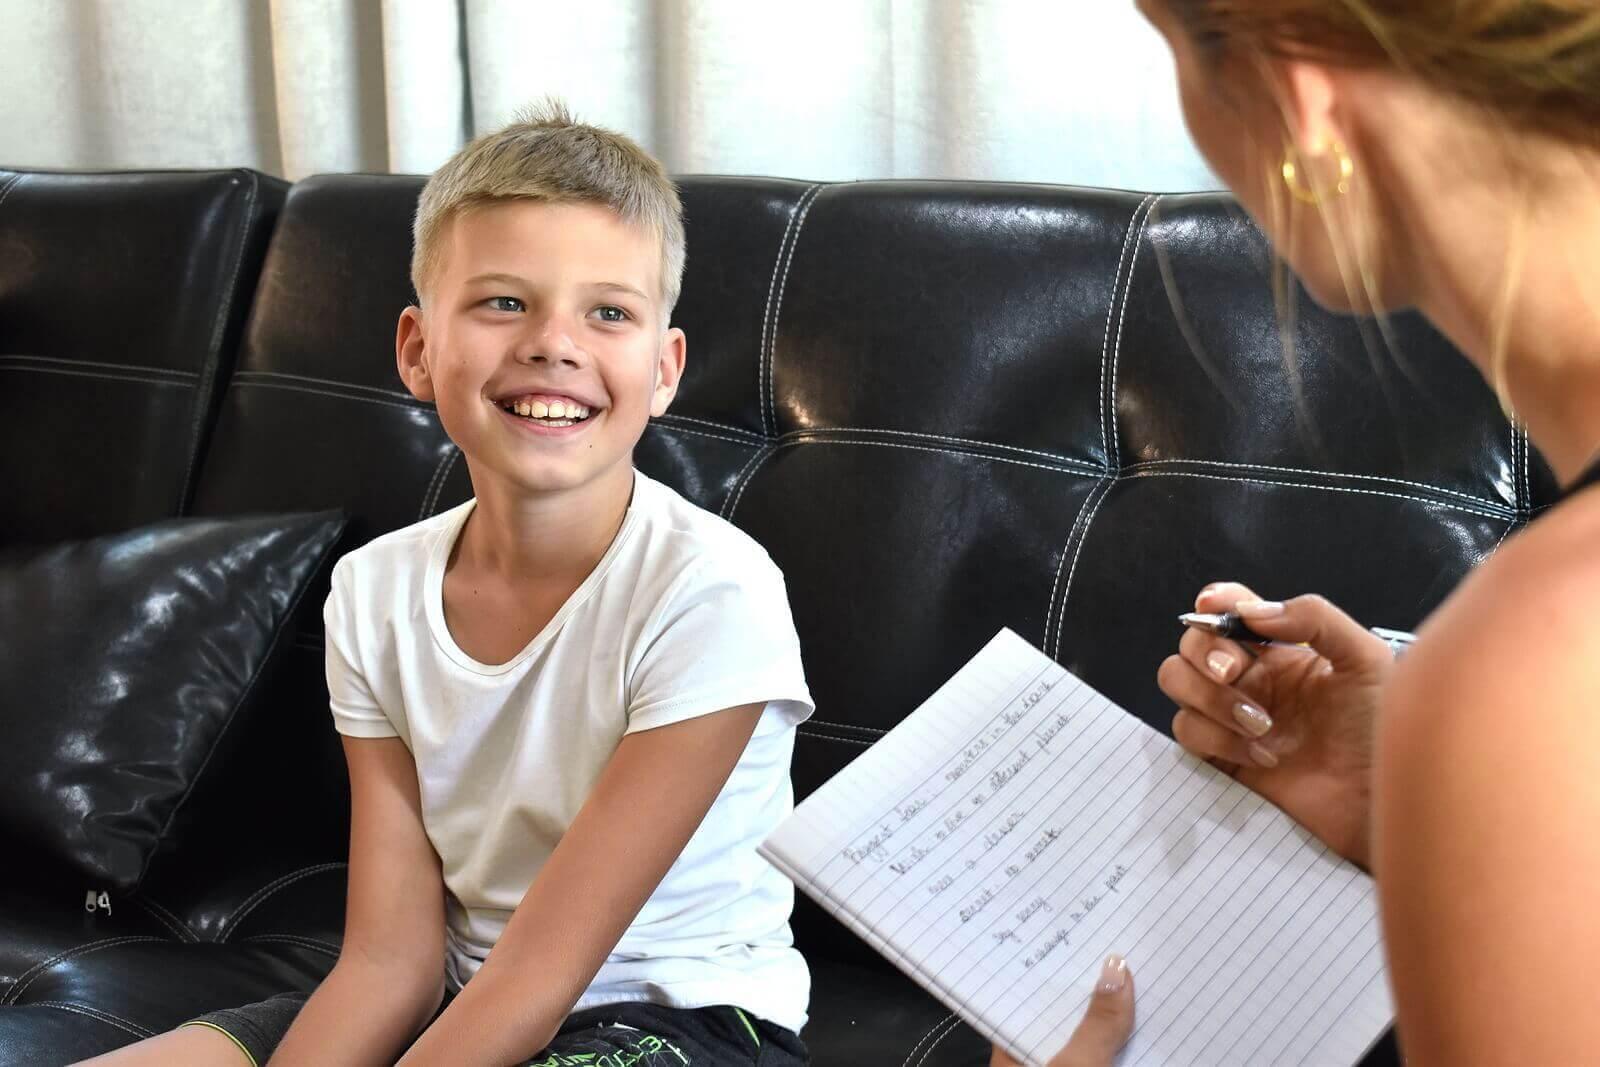 Et barn som snakker med en psykolog